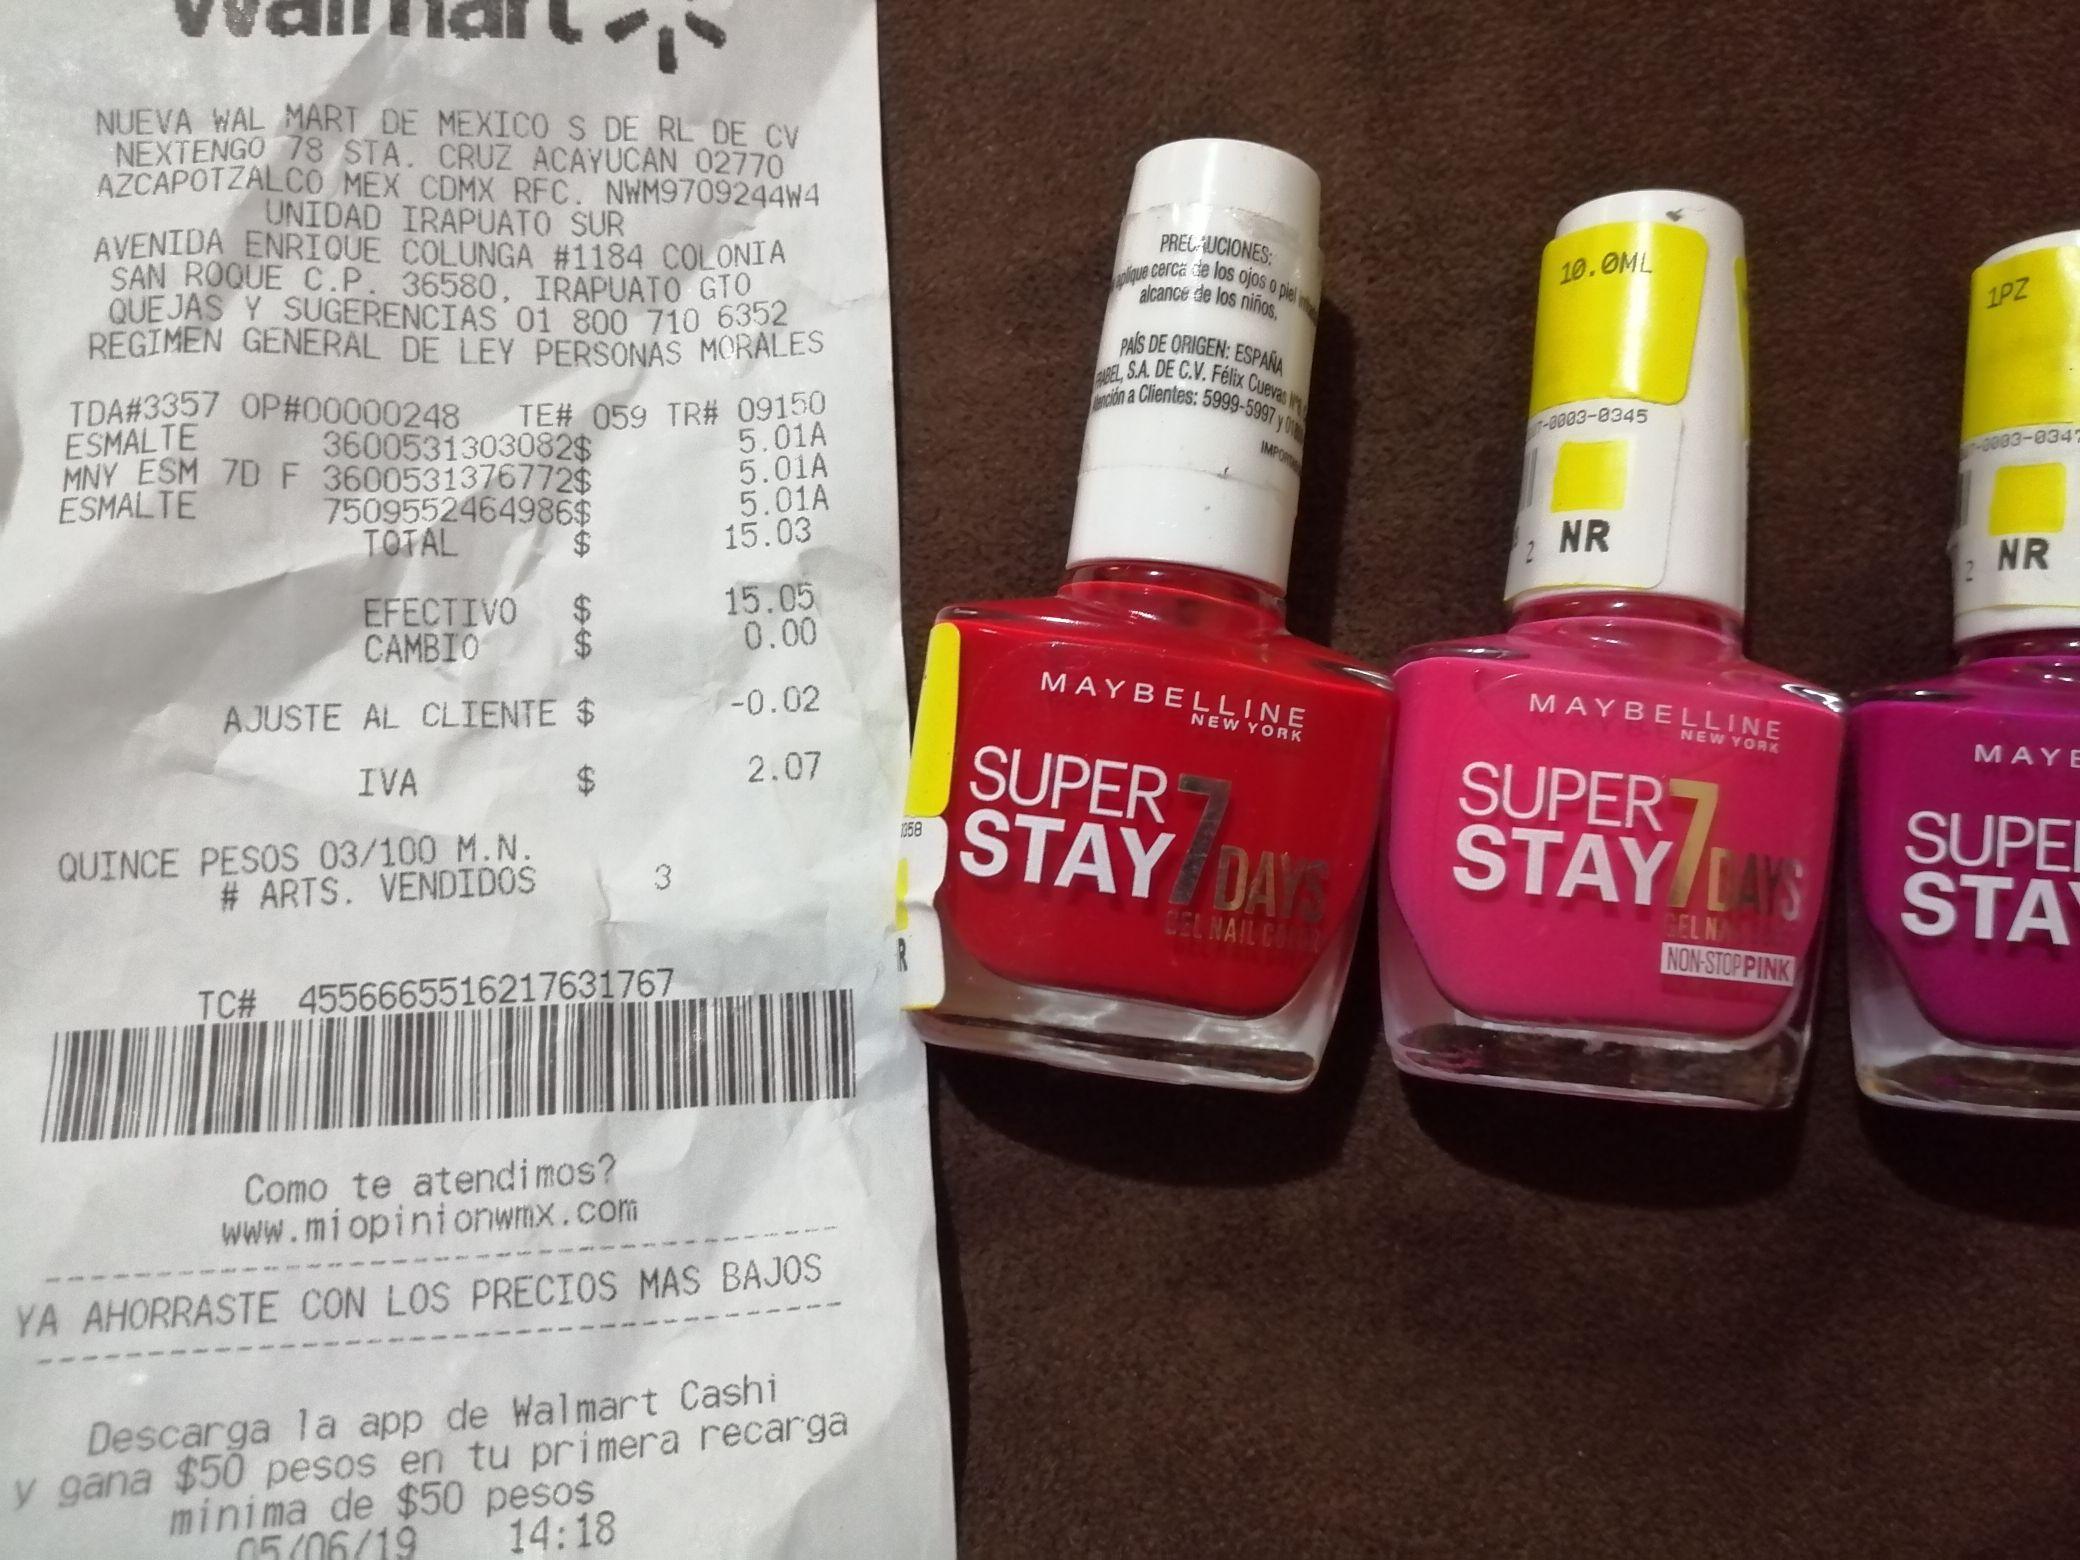 Walmart: Esmalte maybelline solo 5 pesitos y mas